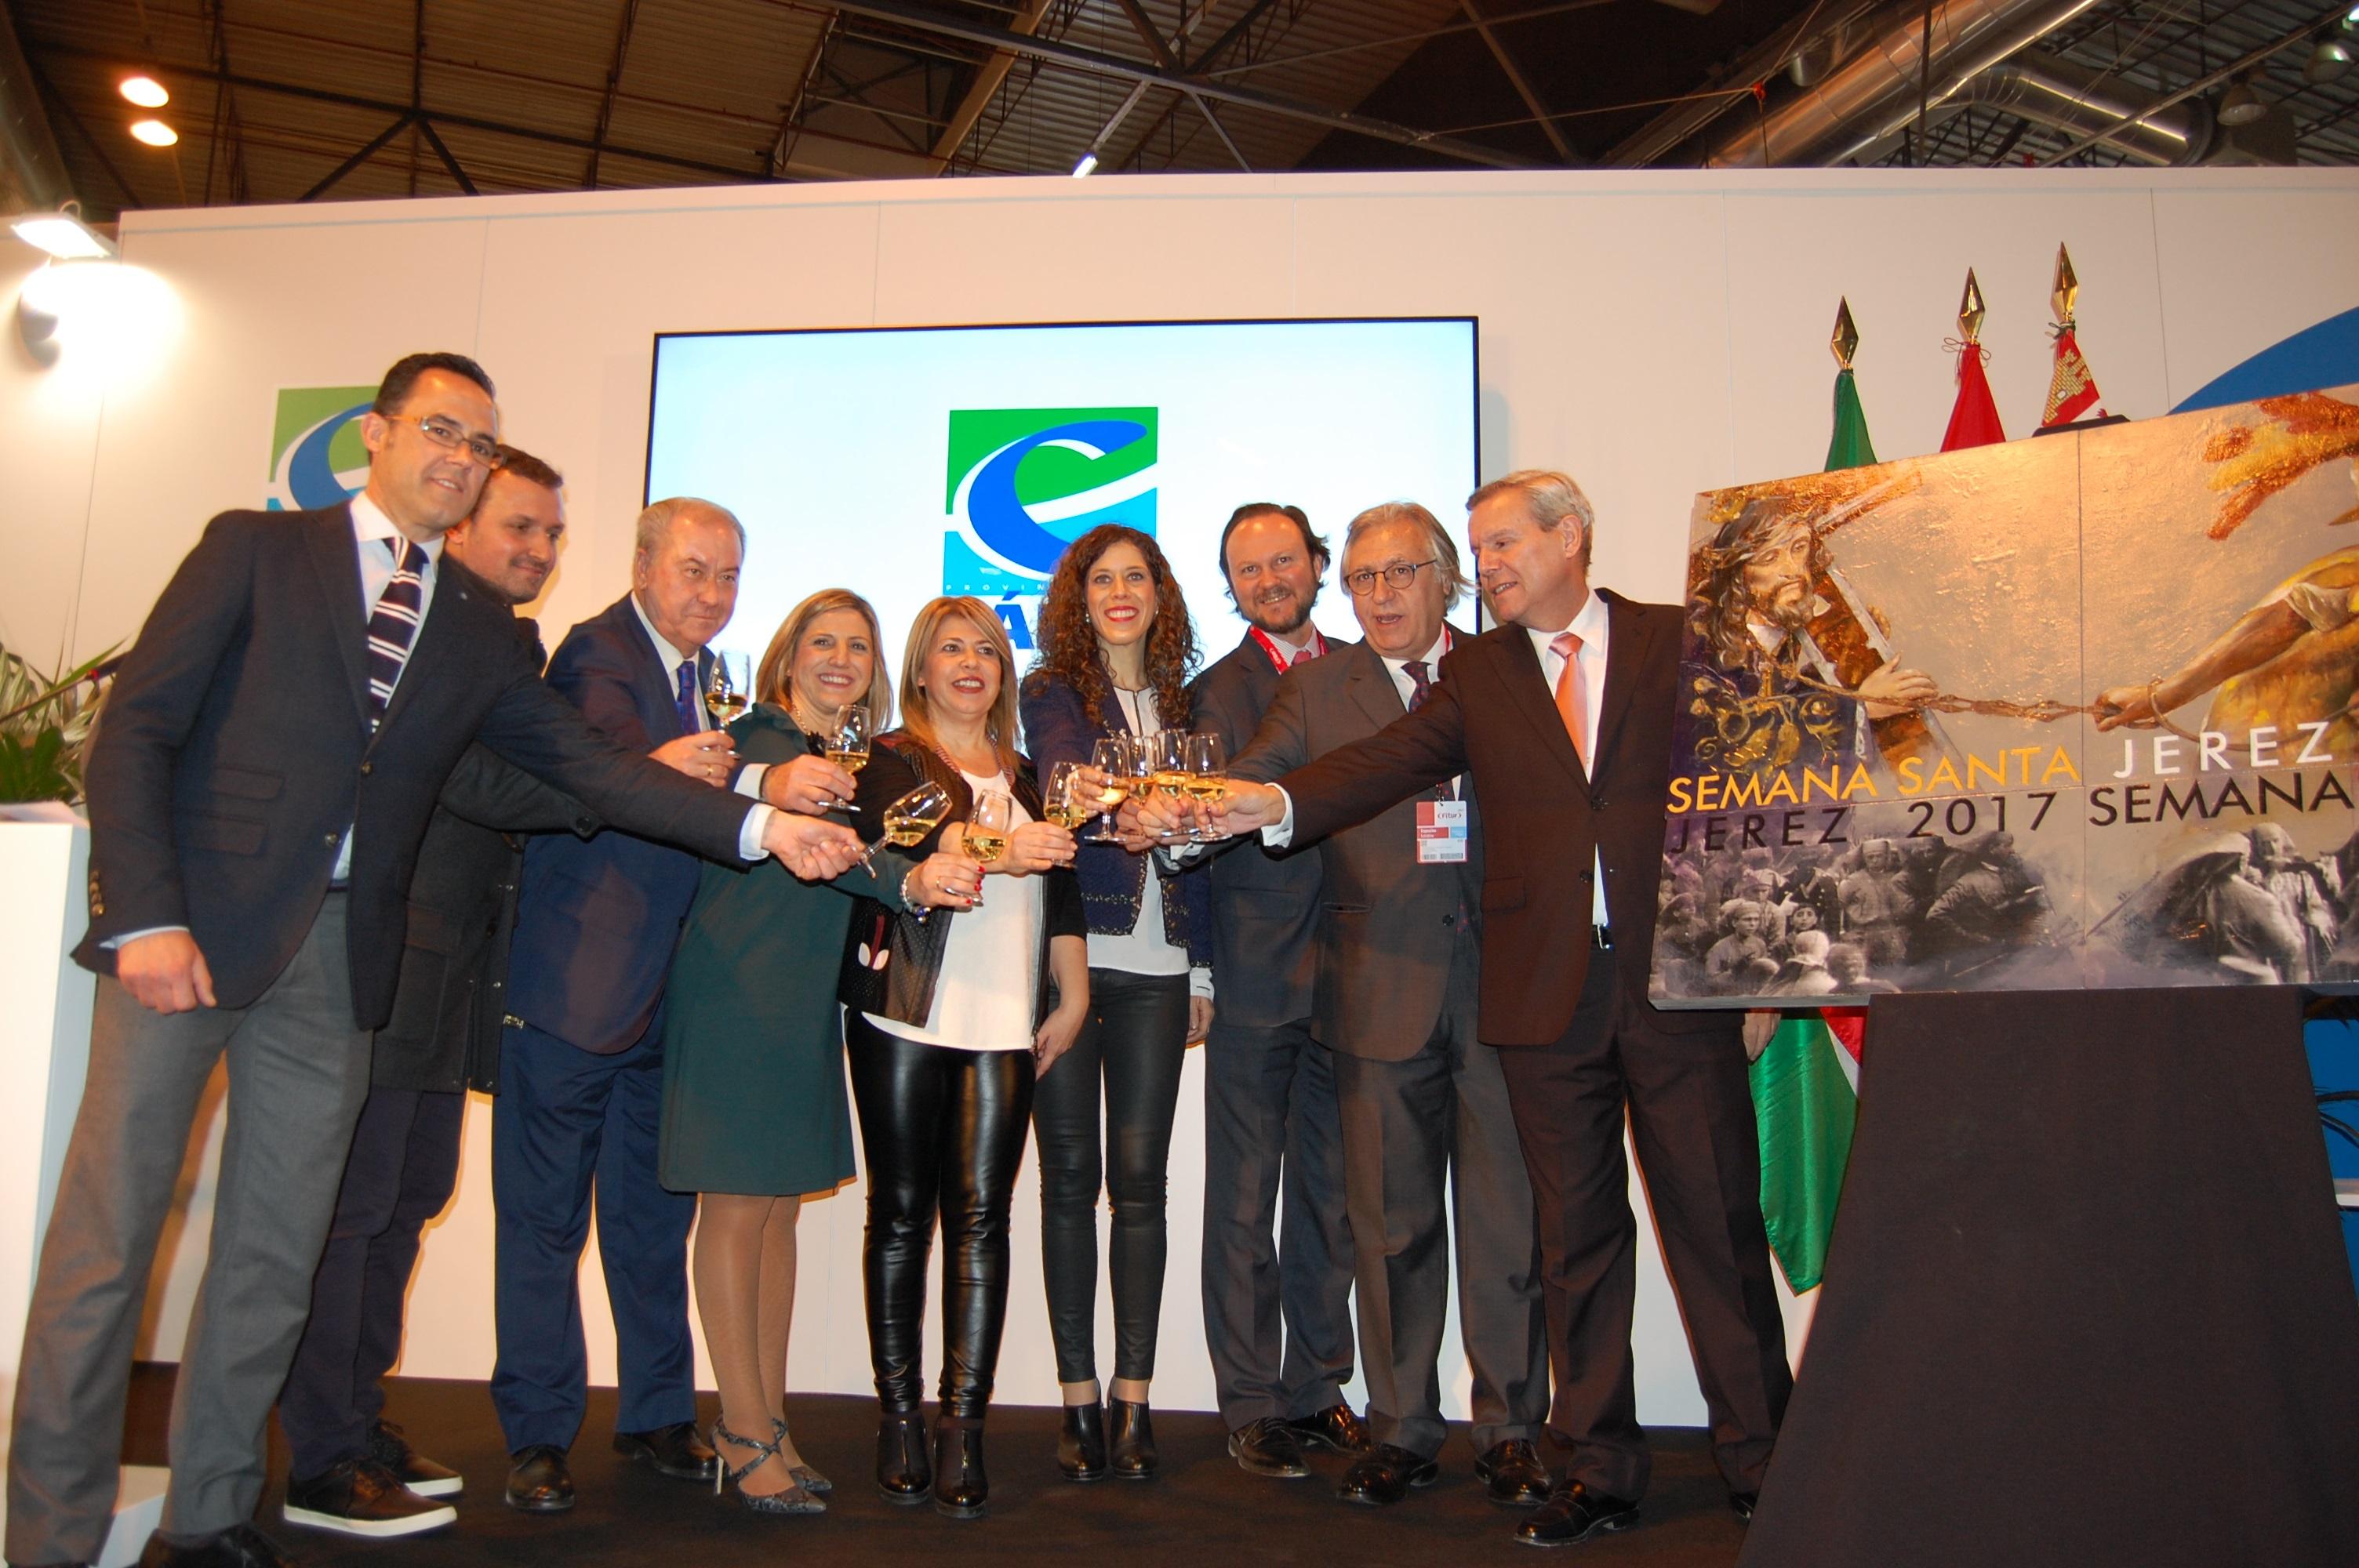 Brindis tras la presentación de la Semana Santa de Jerez en Fitur